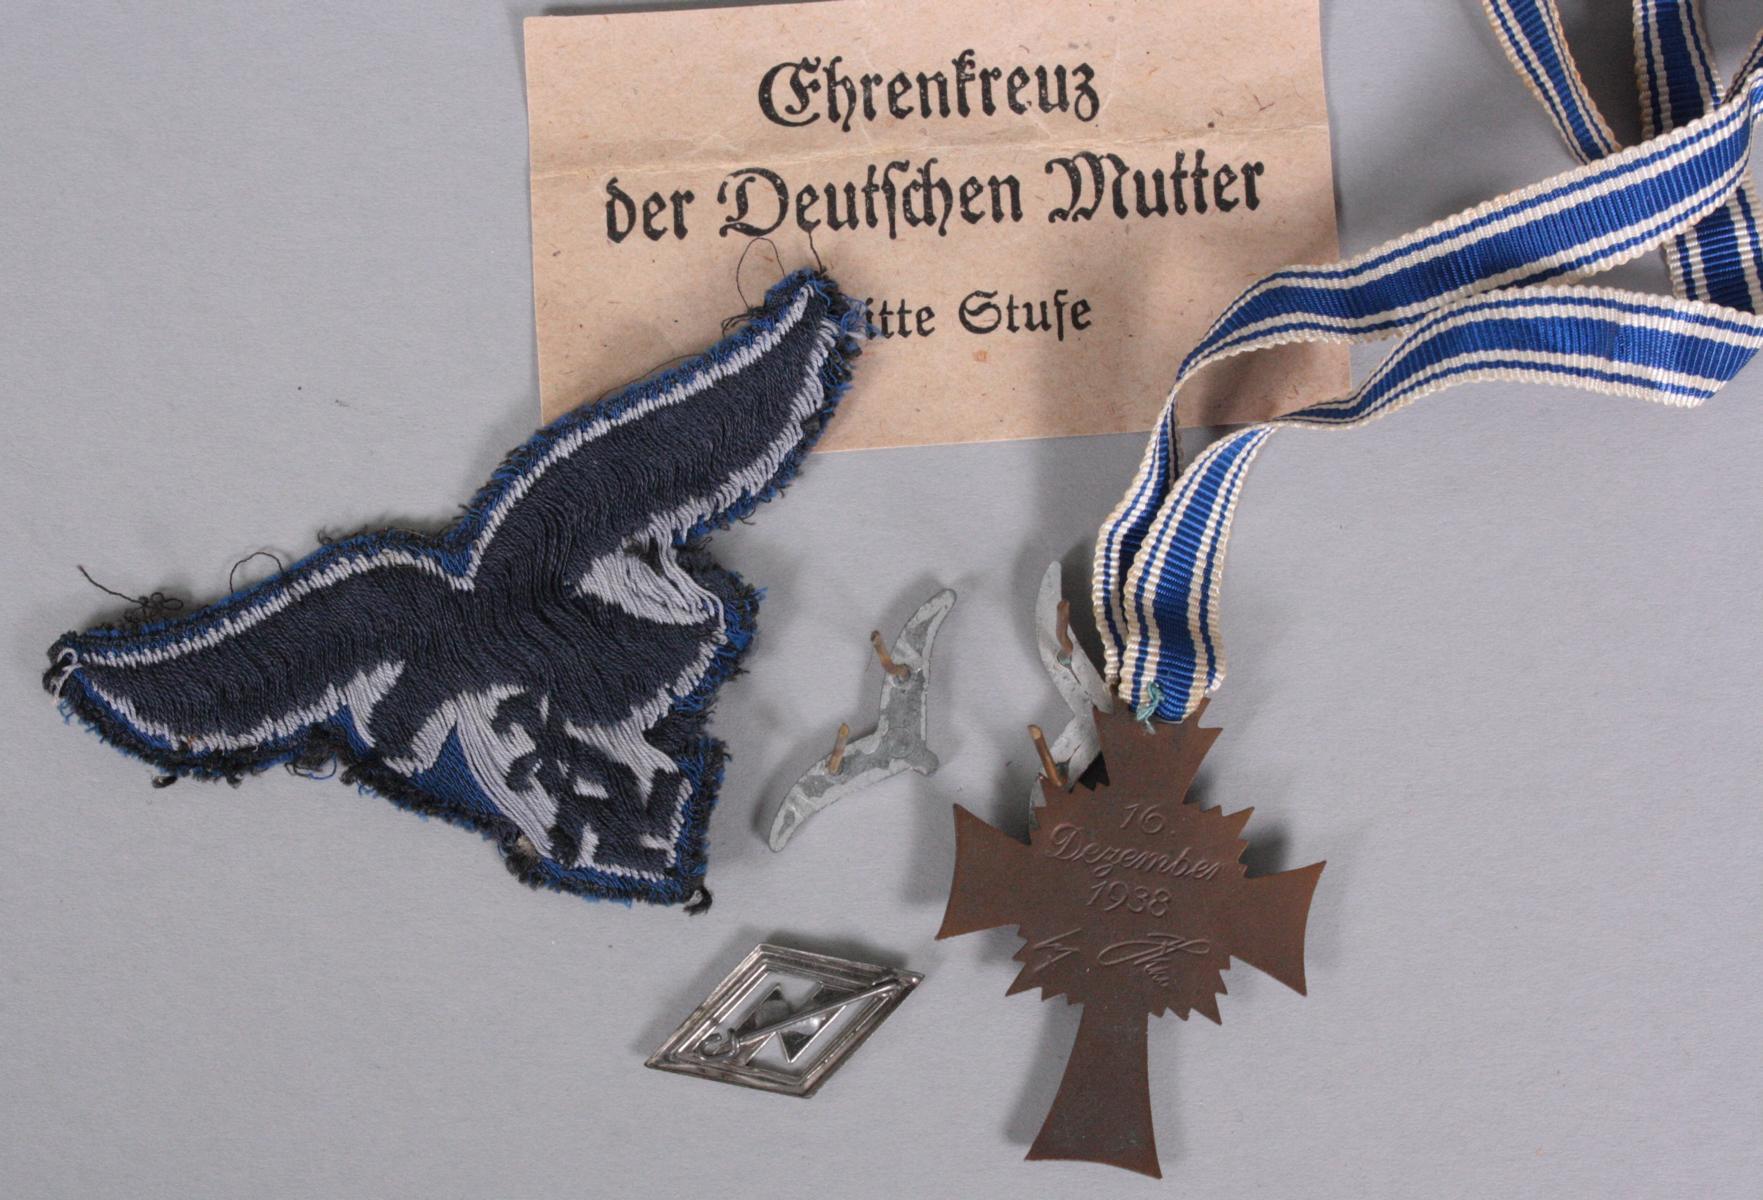 Uniformteile Luftwaffe Drittes Reich und Mutterkreuz-2